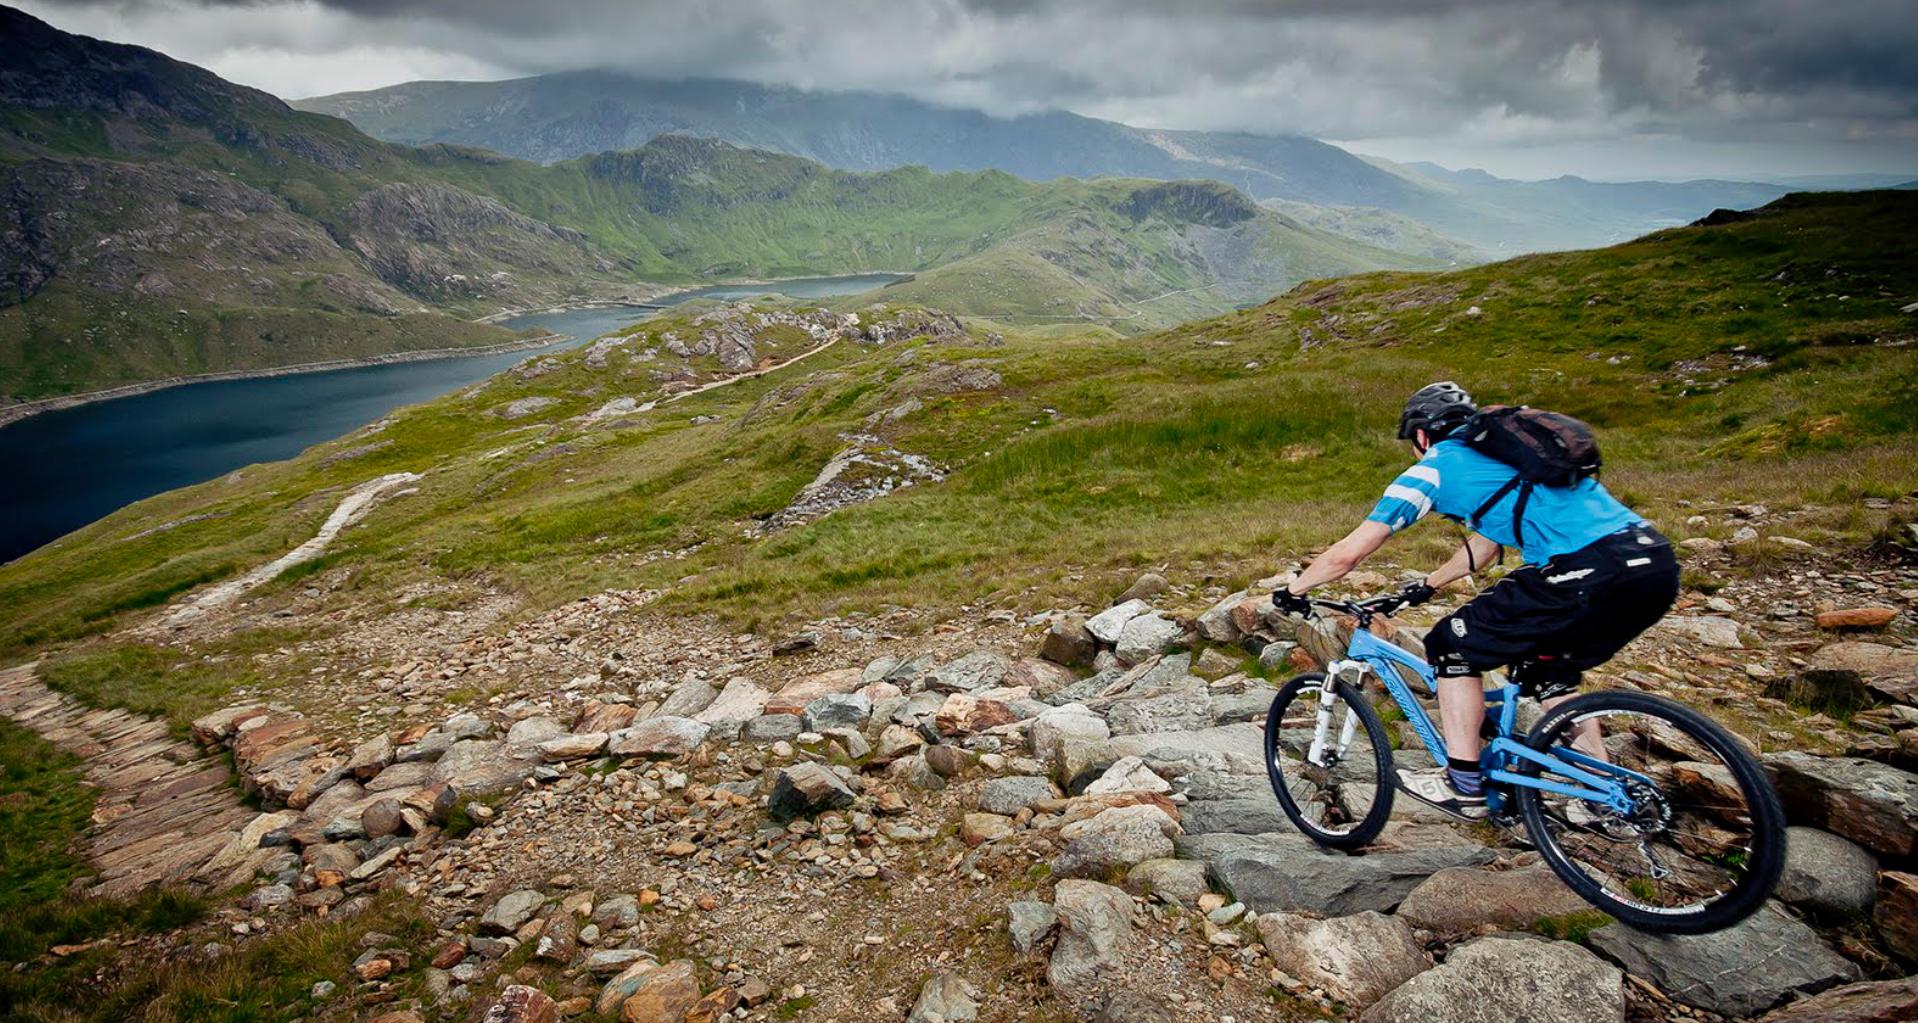 Guided mountain biking weekend break in Snowdonia